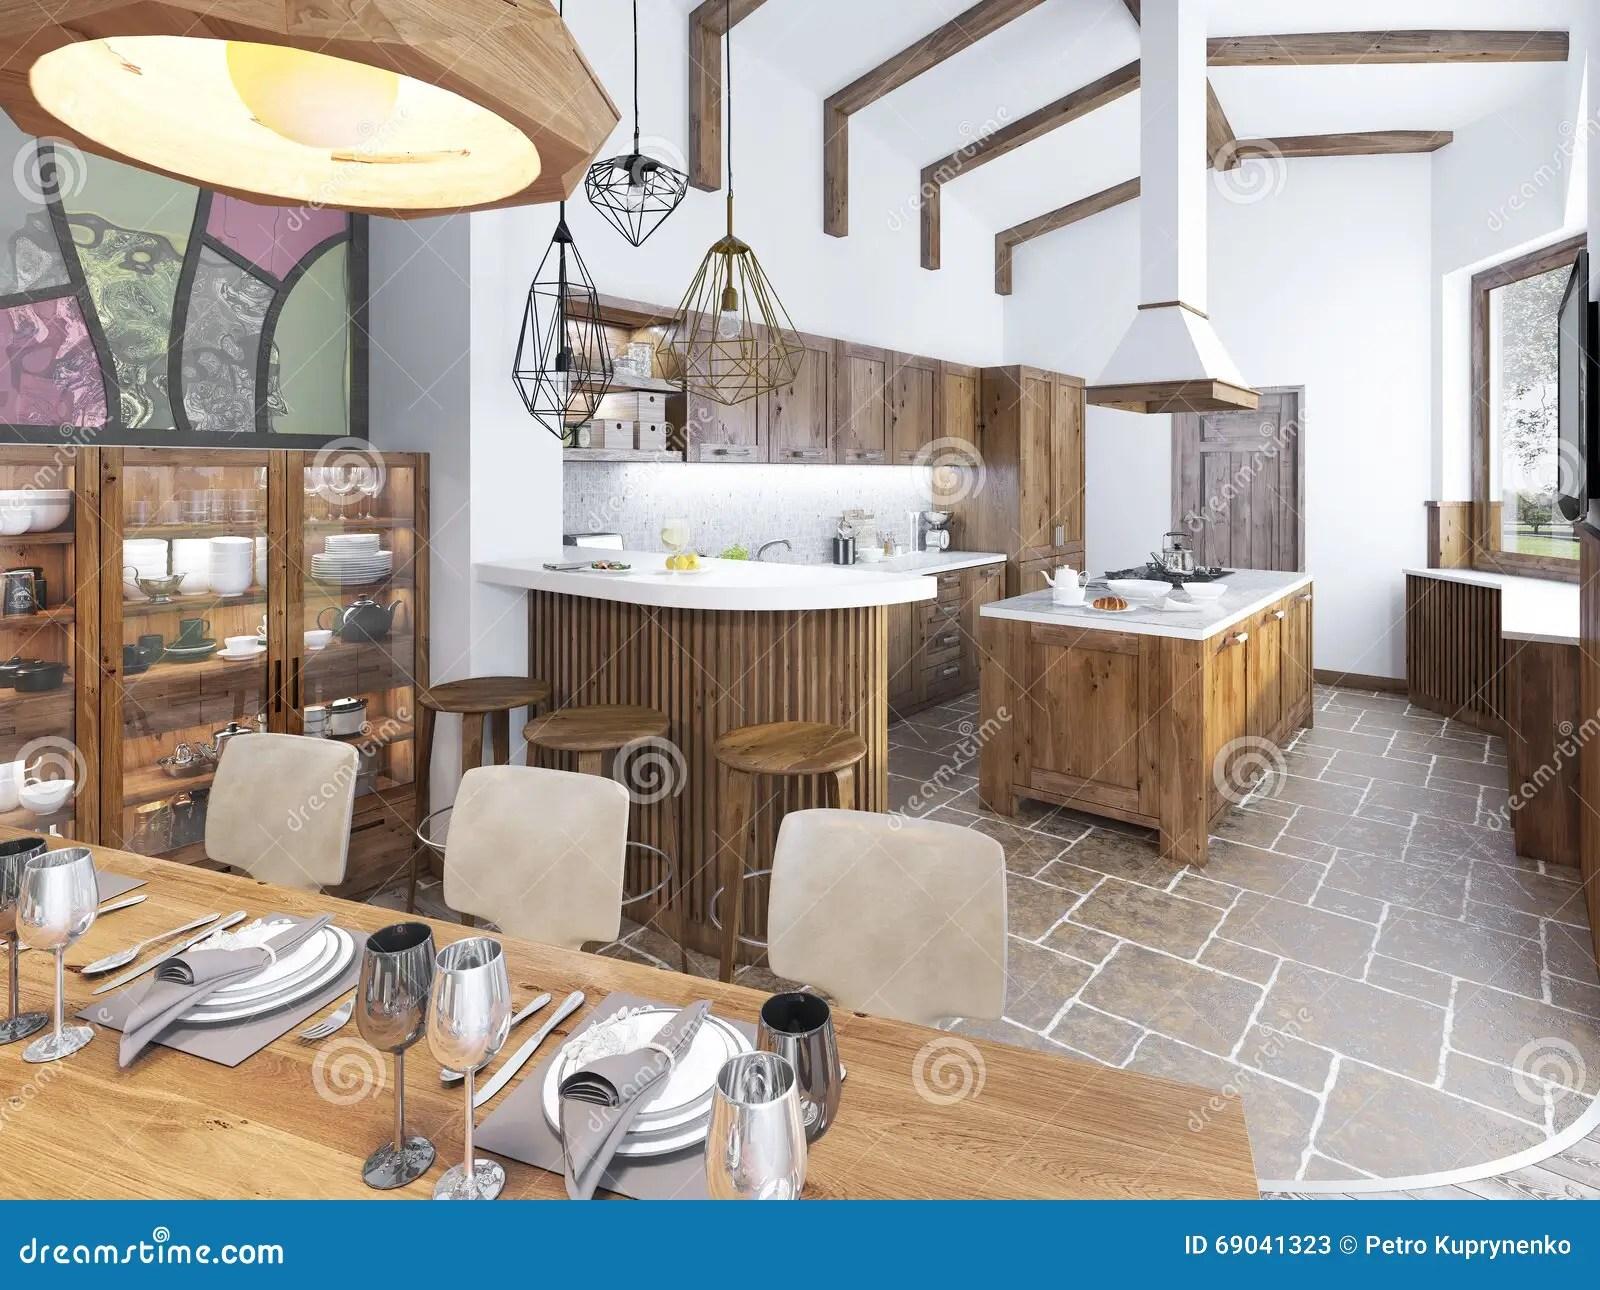 Cucina E Sala Da Pranzo Moderne Nel Sottotetto Fotografia Stock  Immagine 69041323